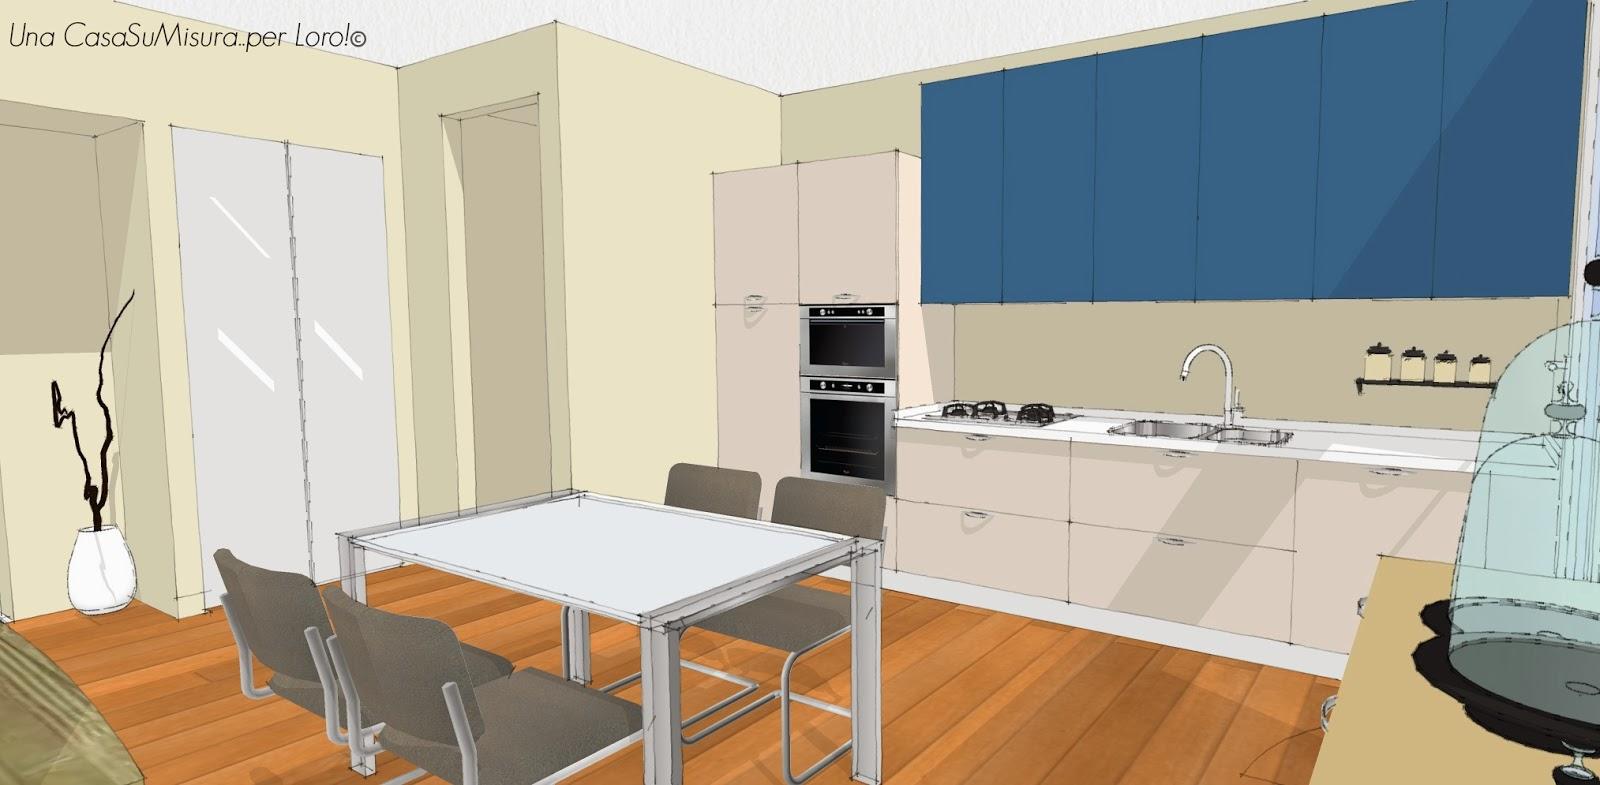 Cucina 3d | Progettare Cucina In 3d Trendy Aprire Idee Armadi Cucina D